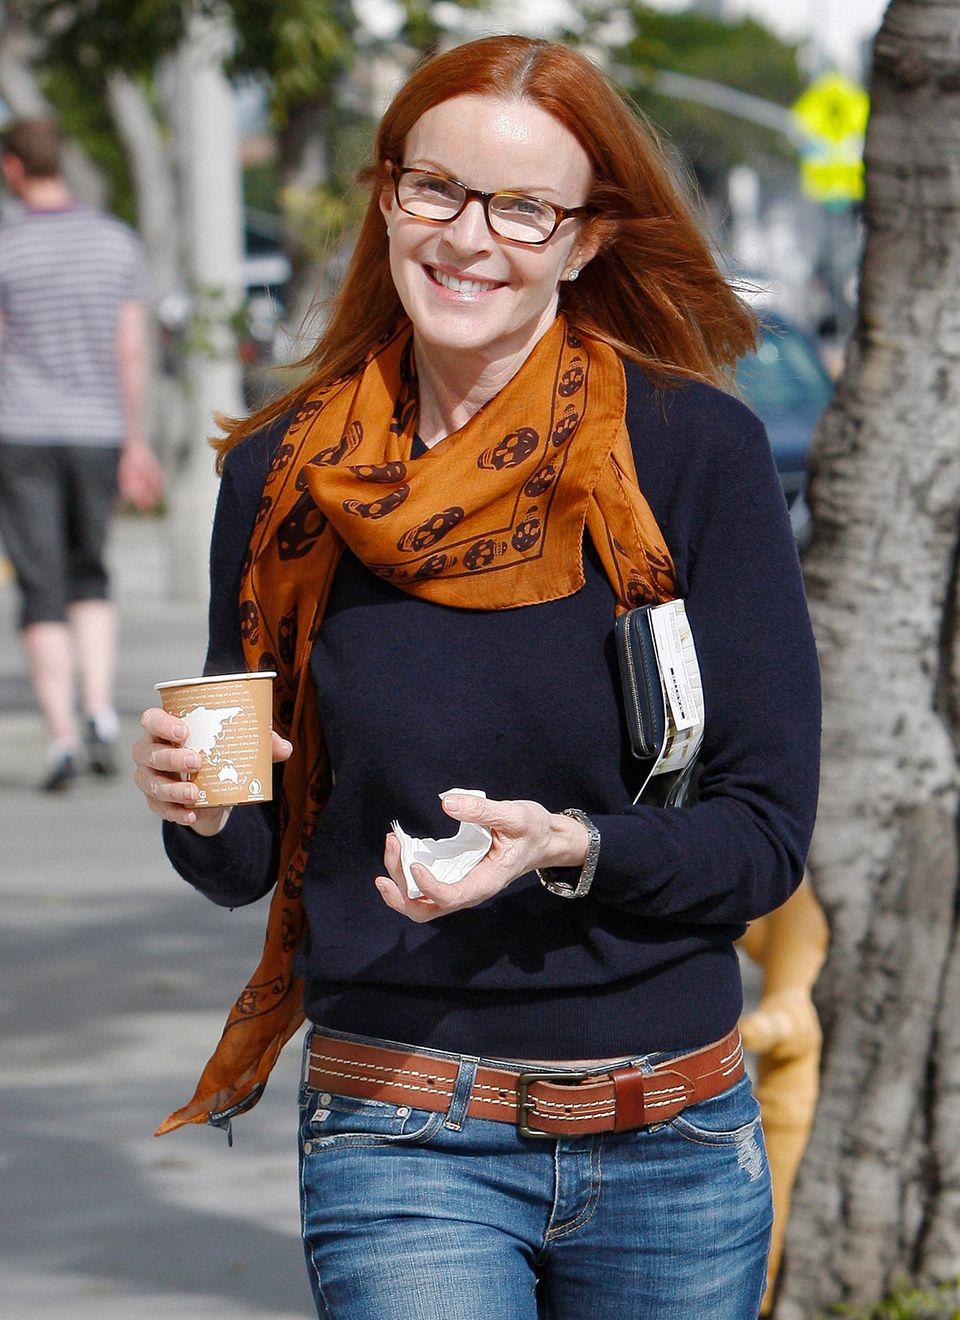 Das bernsteinfarbene Seidentuch mit Totenköpfen passt farblich gut zu Marcia Cross' roten Haaren.